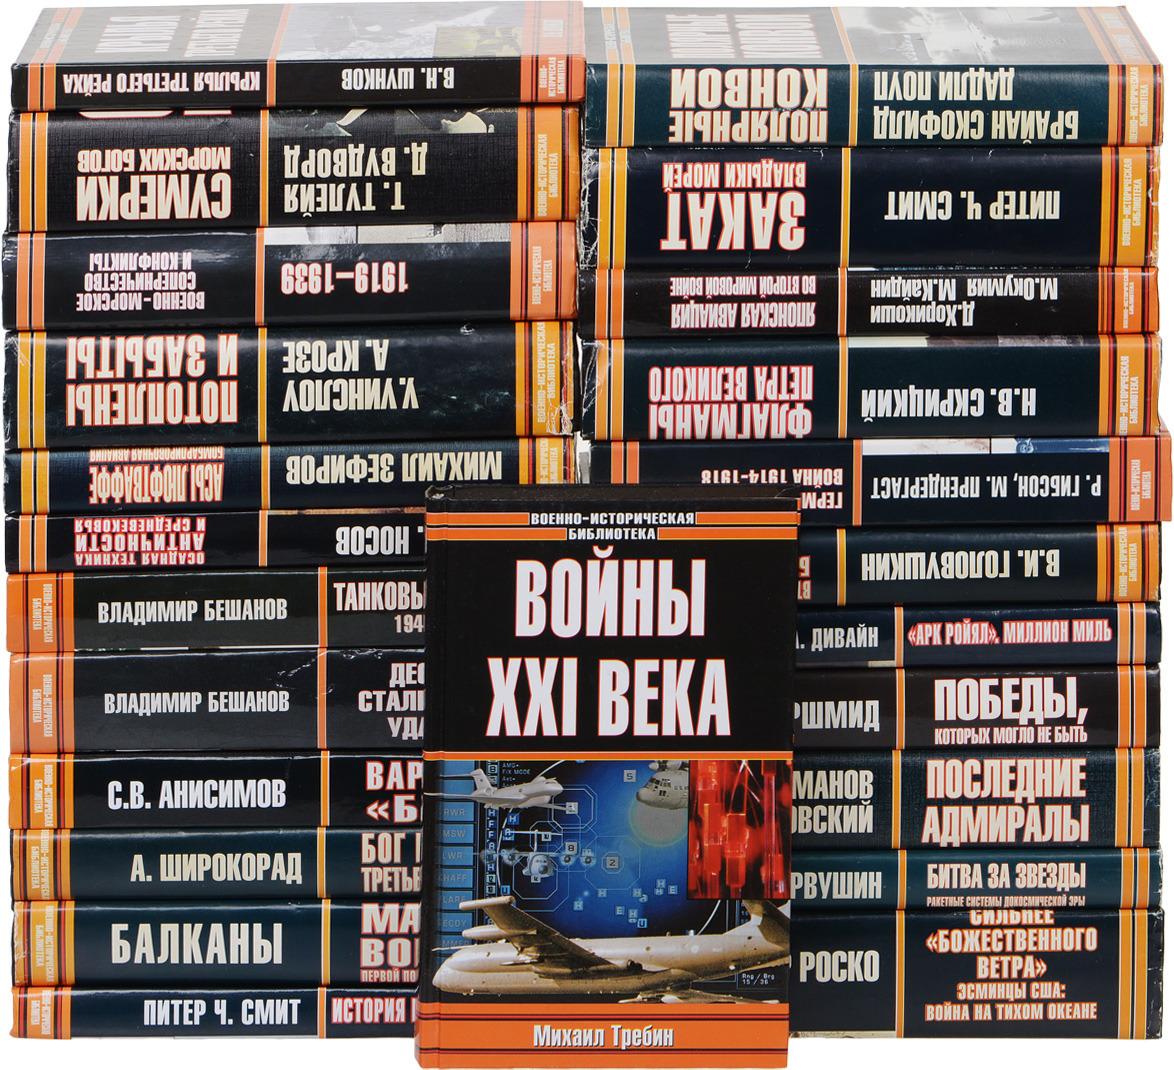 Серия Военно-историческая библиотека (комплект из 24 книг) историческая библиотека альманаха русская старина комплект из 3 книг